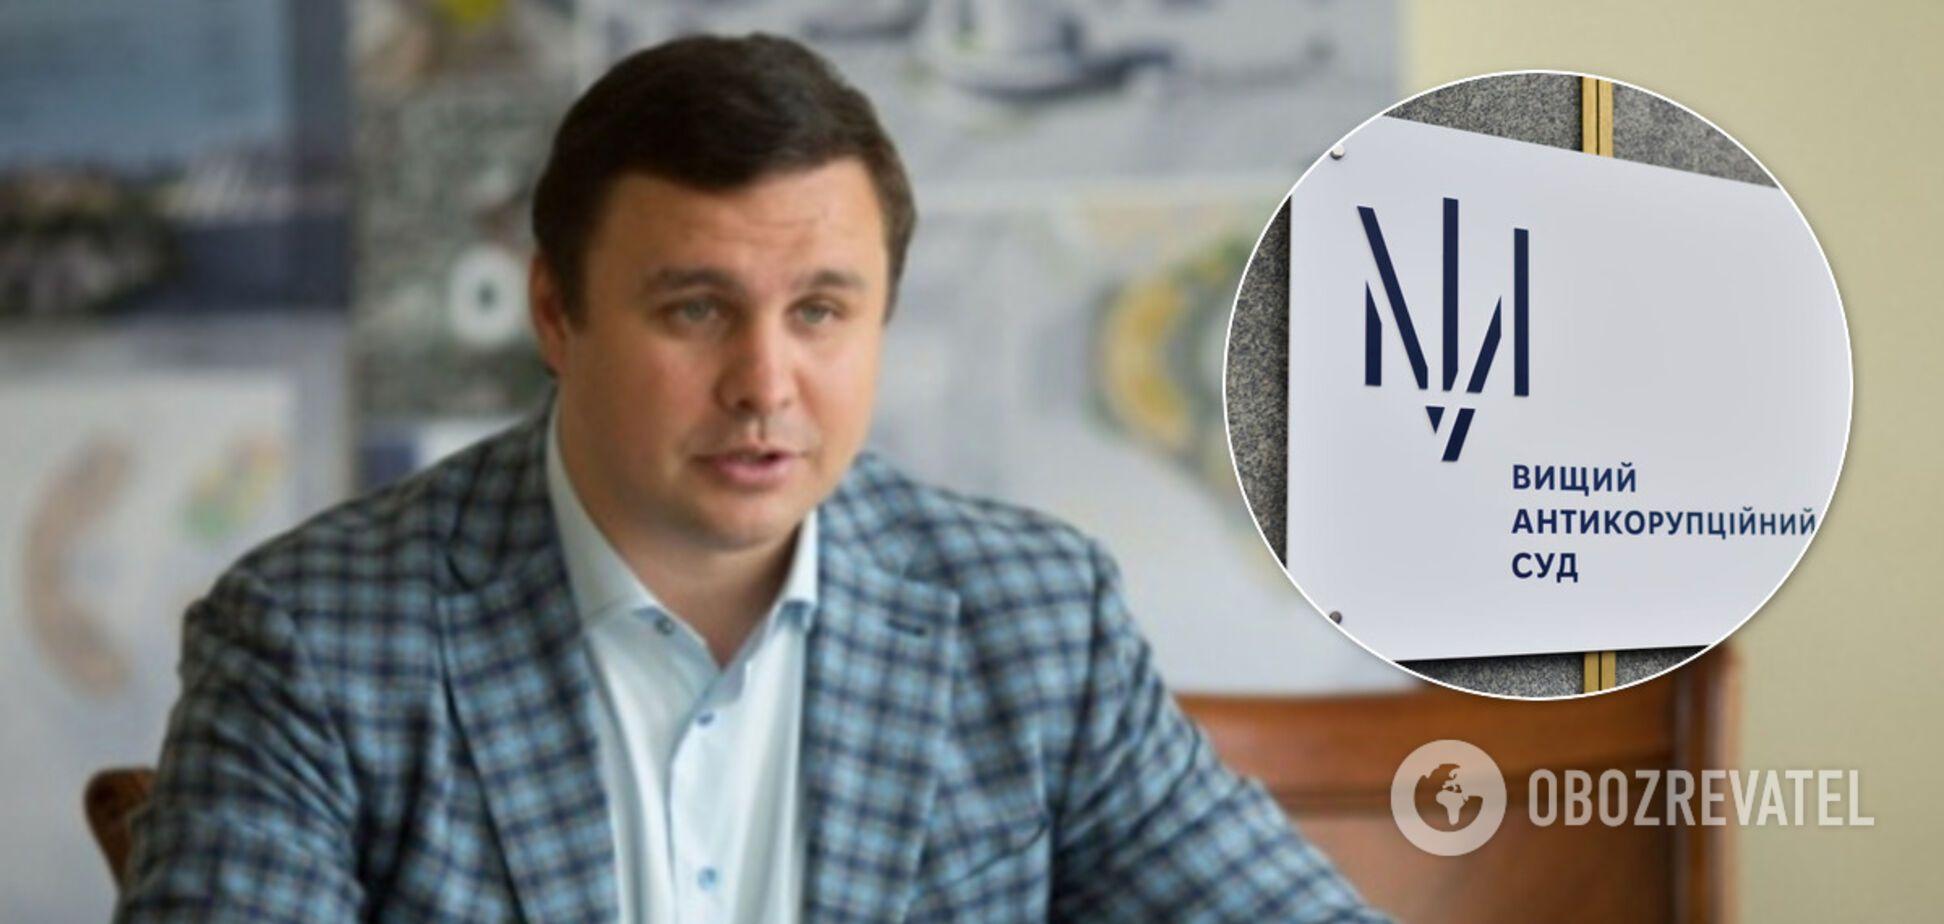 Суд отказался арестовывать скандального экс-нардепа Микитася